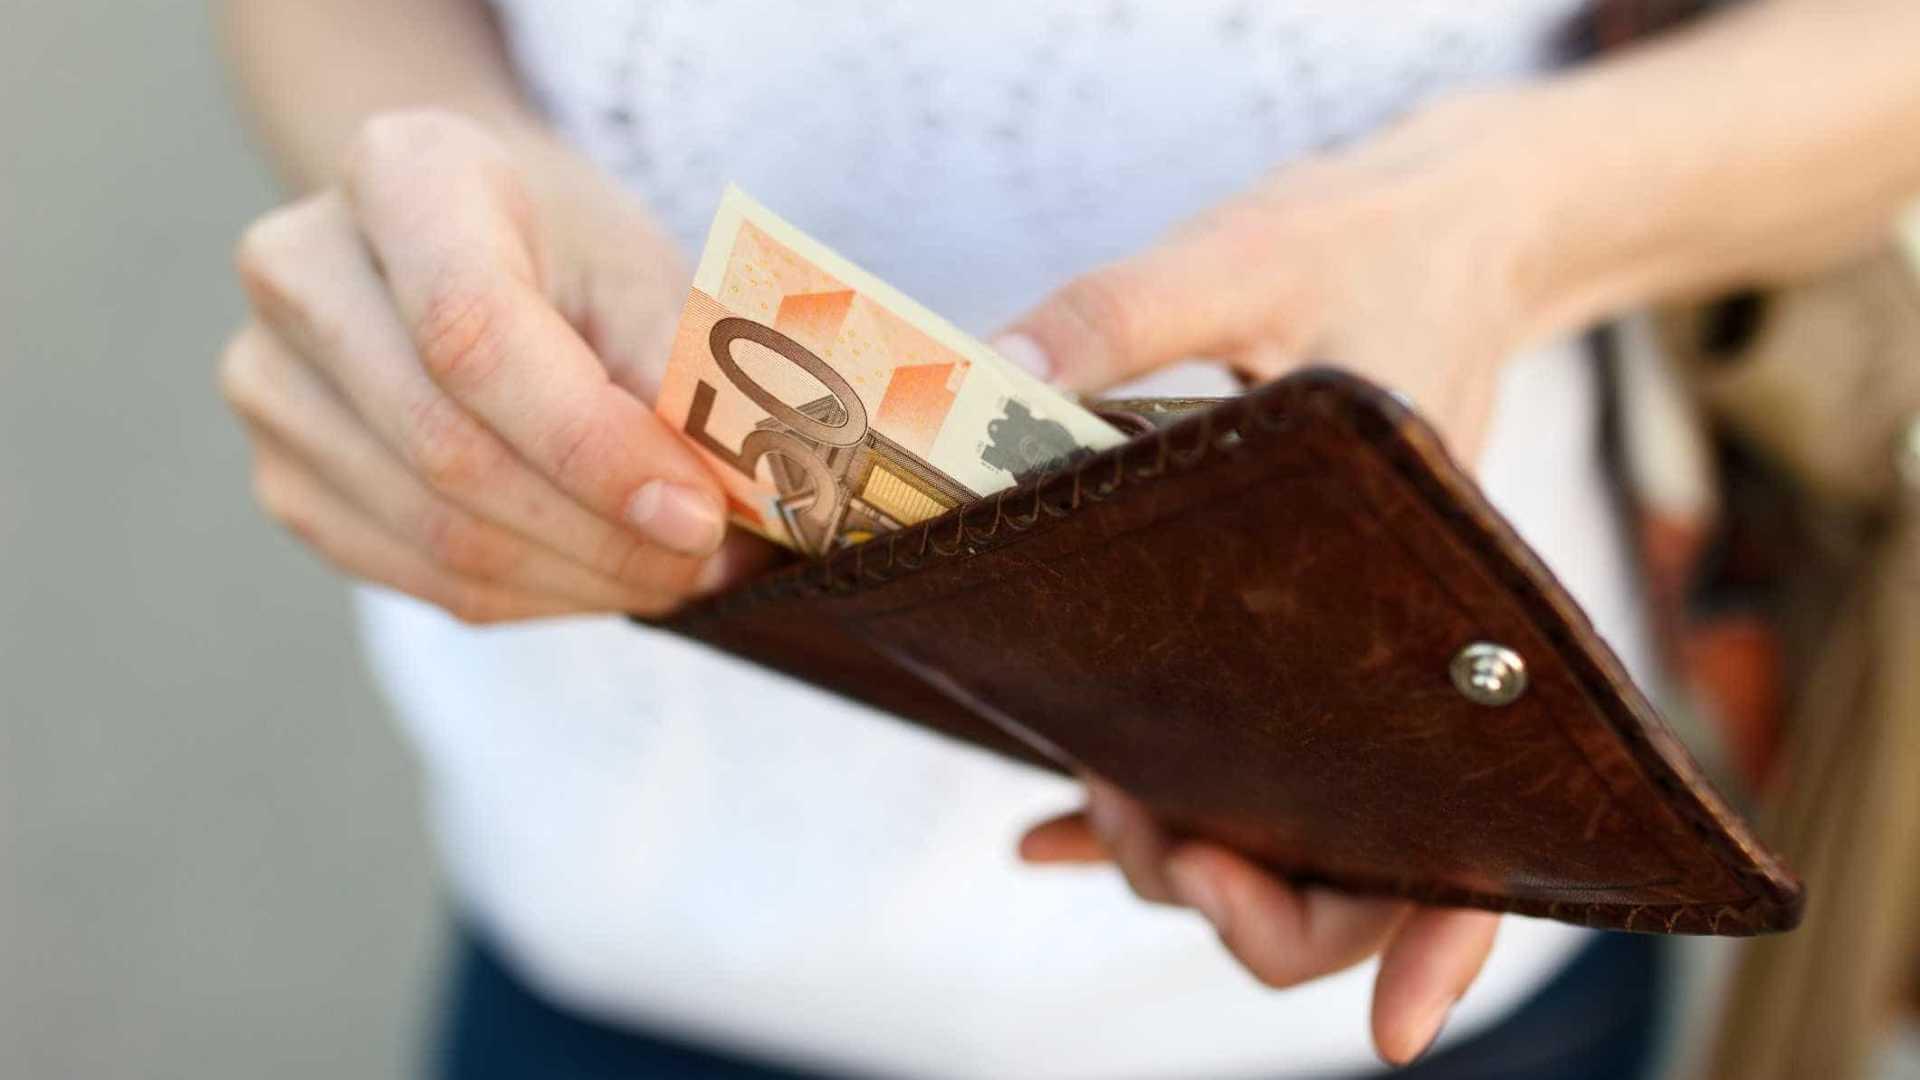 Banco Pode Reter Salário Para Pagamento De Divida?